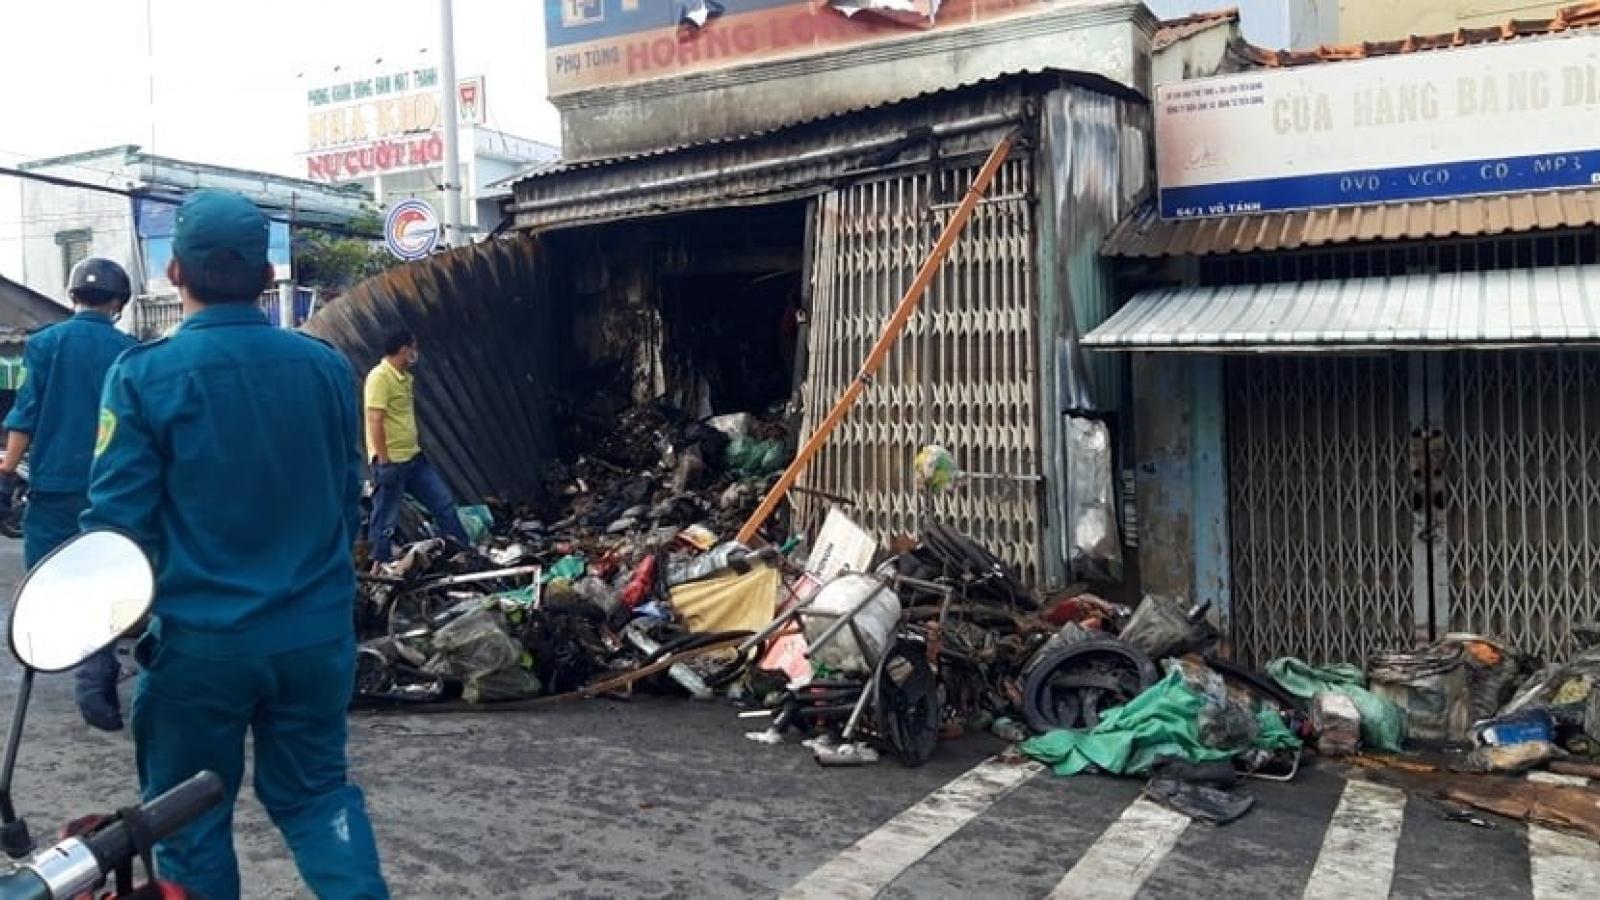 Nhanh chóng dập tắt đám cháy tại chợ Vĩnh Bình, Tiền Giang